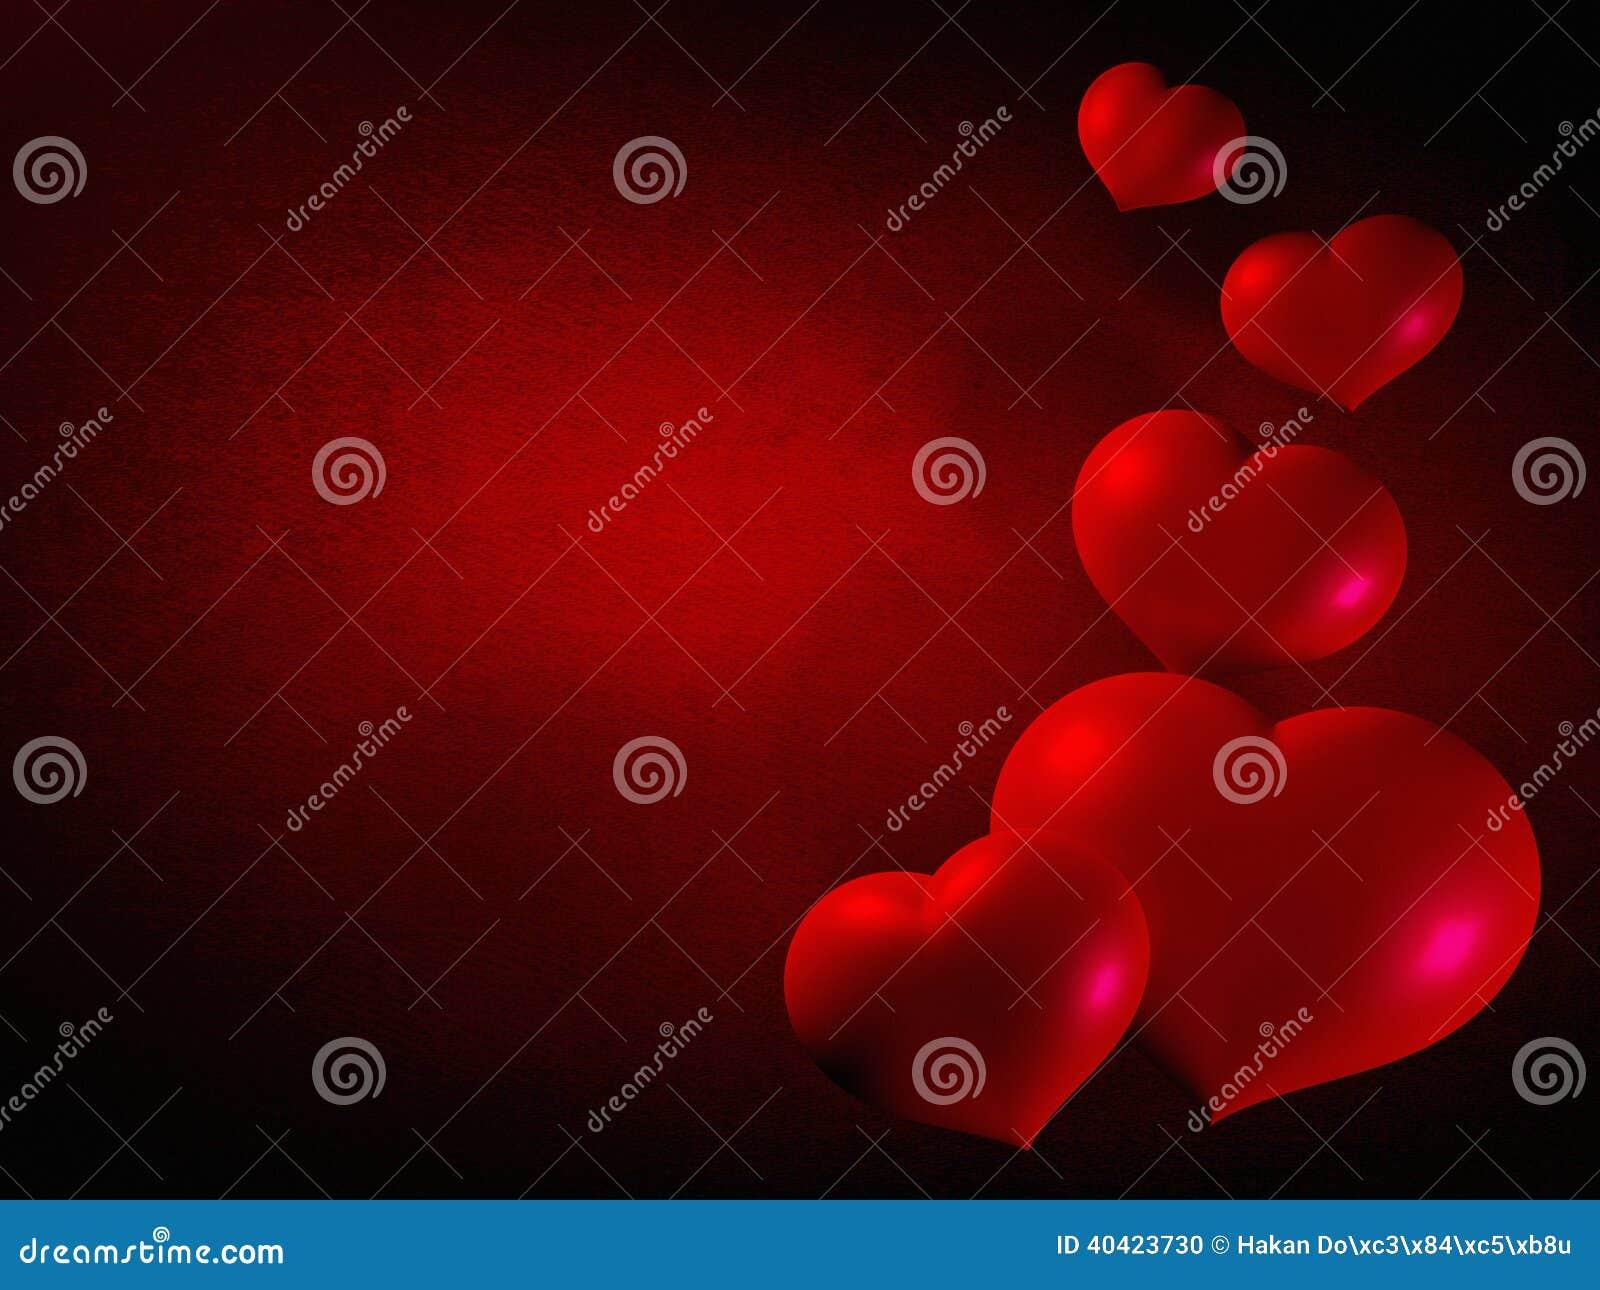 Valentines days hearts